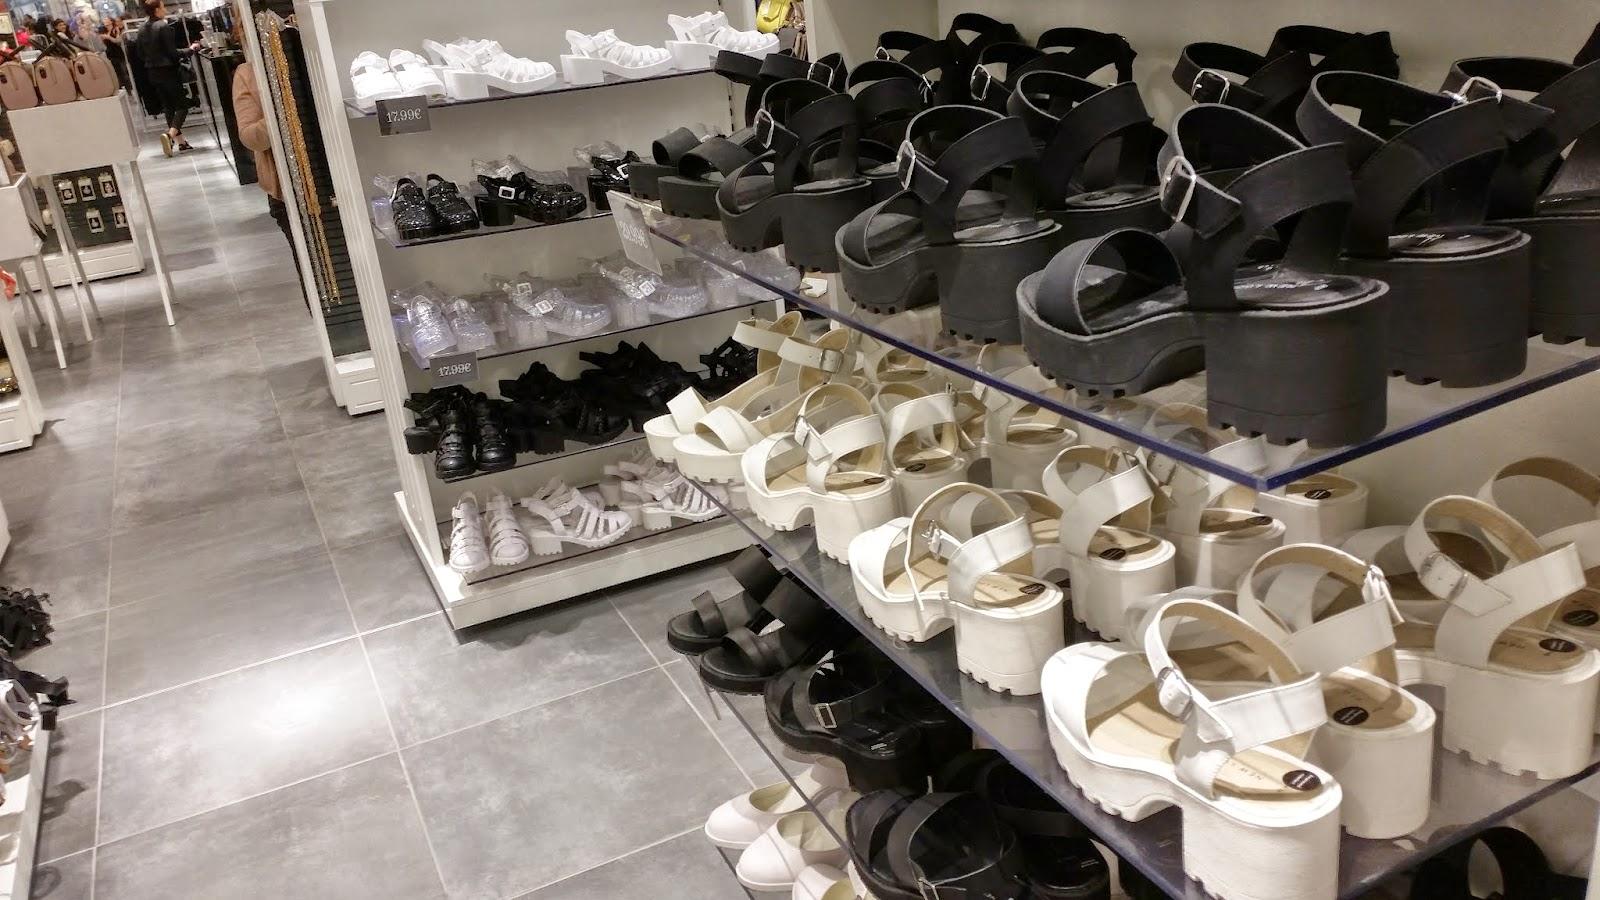 chaussures, sandales blanches et noires